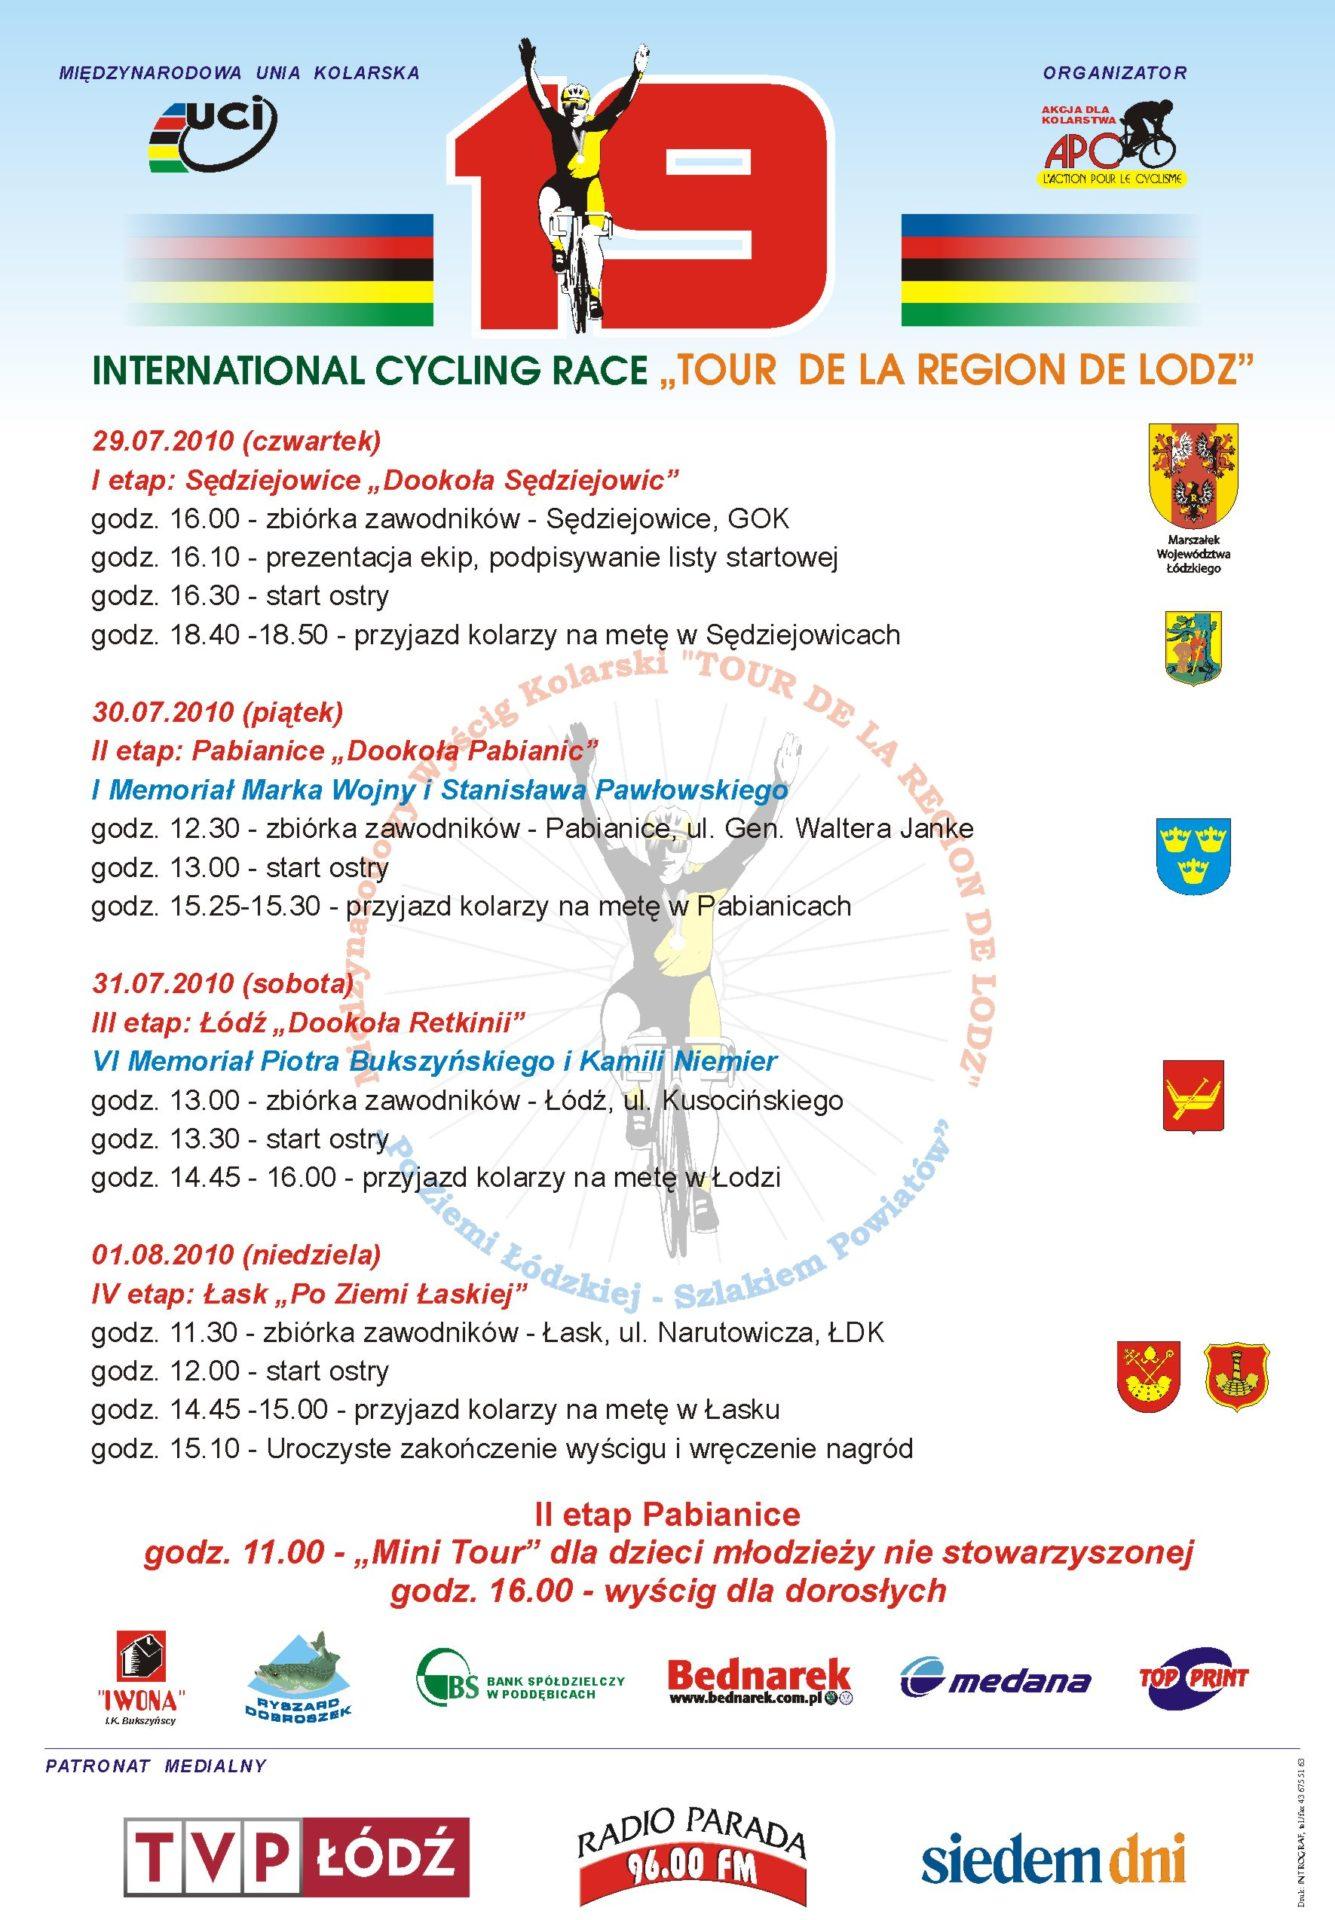 Międzynarodowy Wyścig Kolarski TOUR DE LA REGION DE LODZ